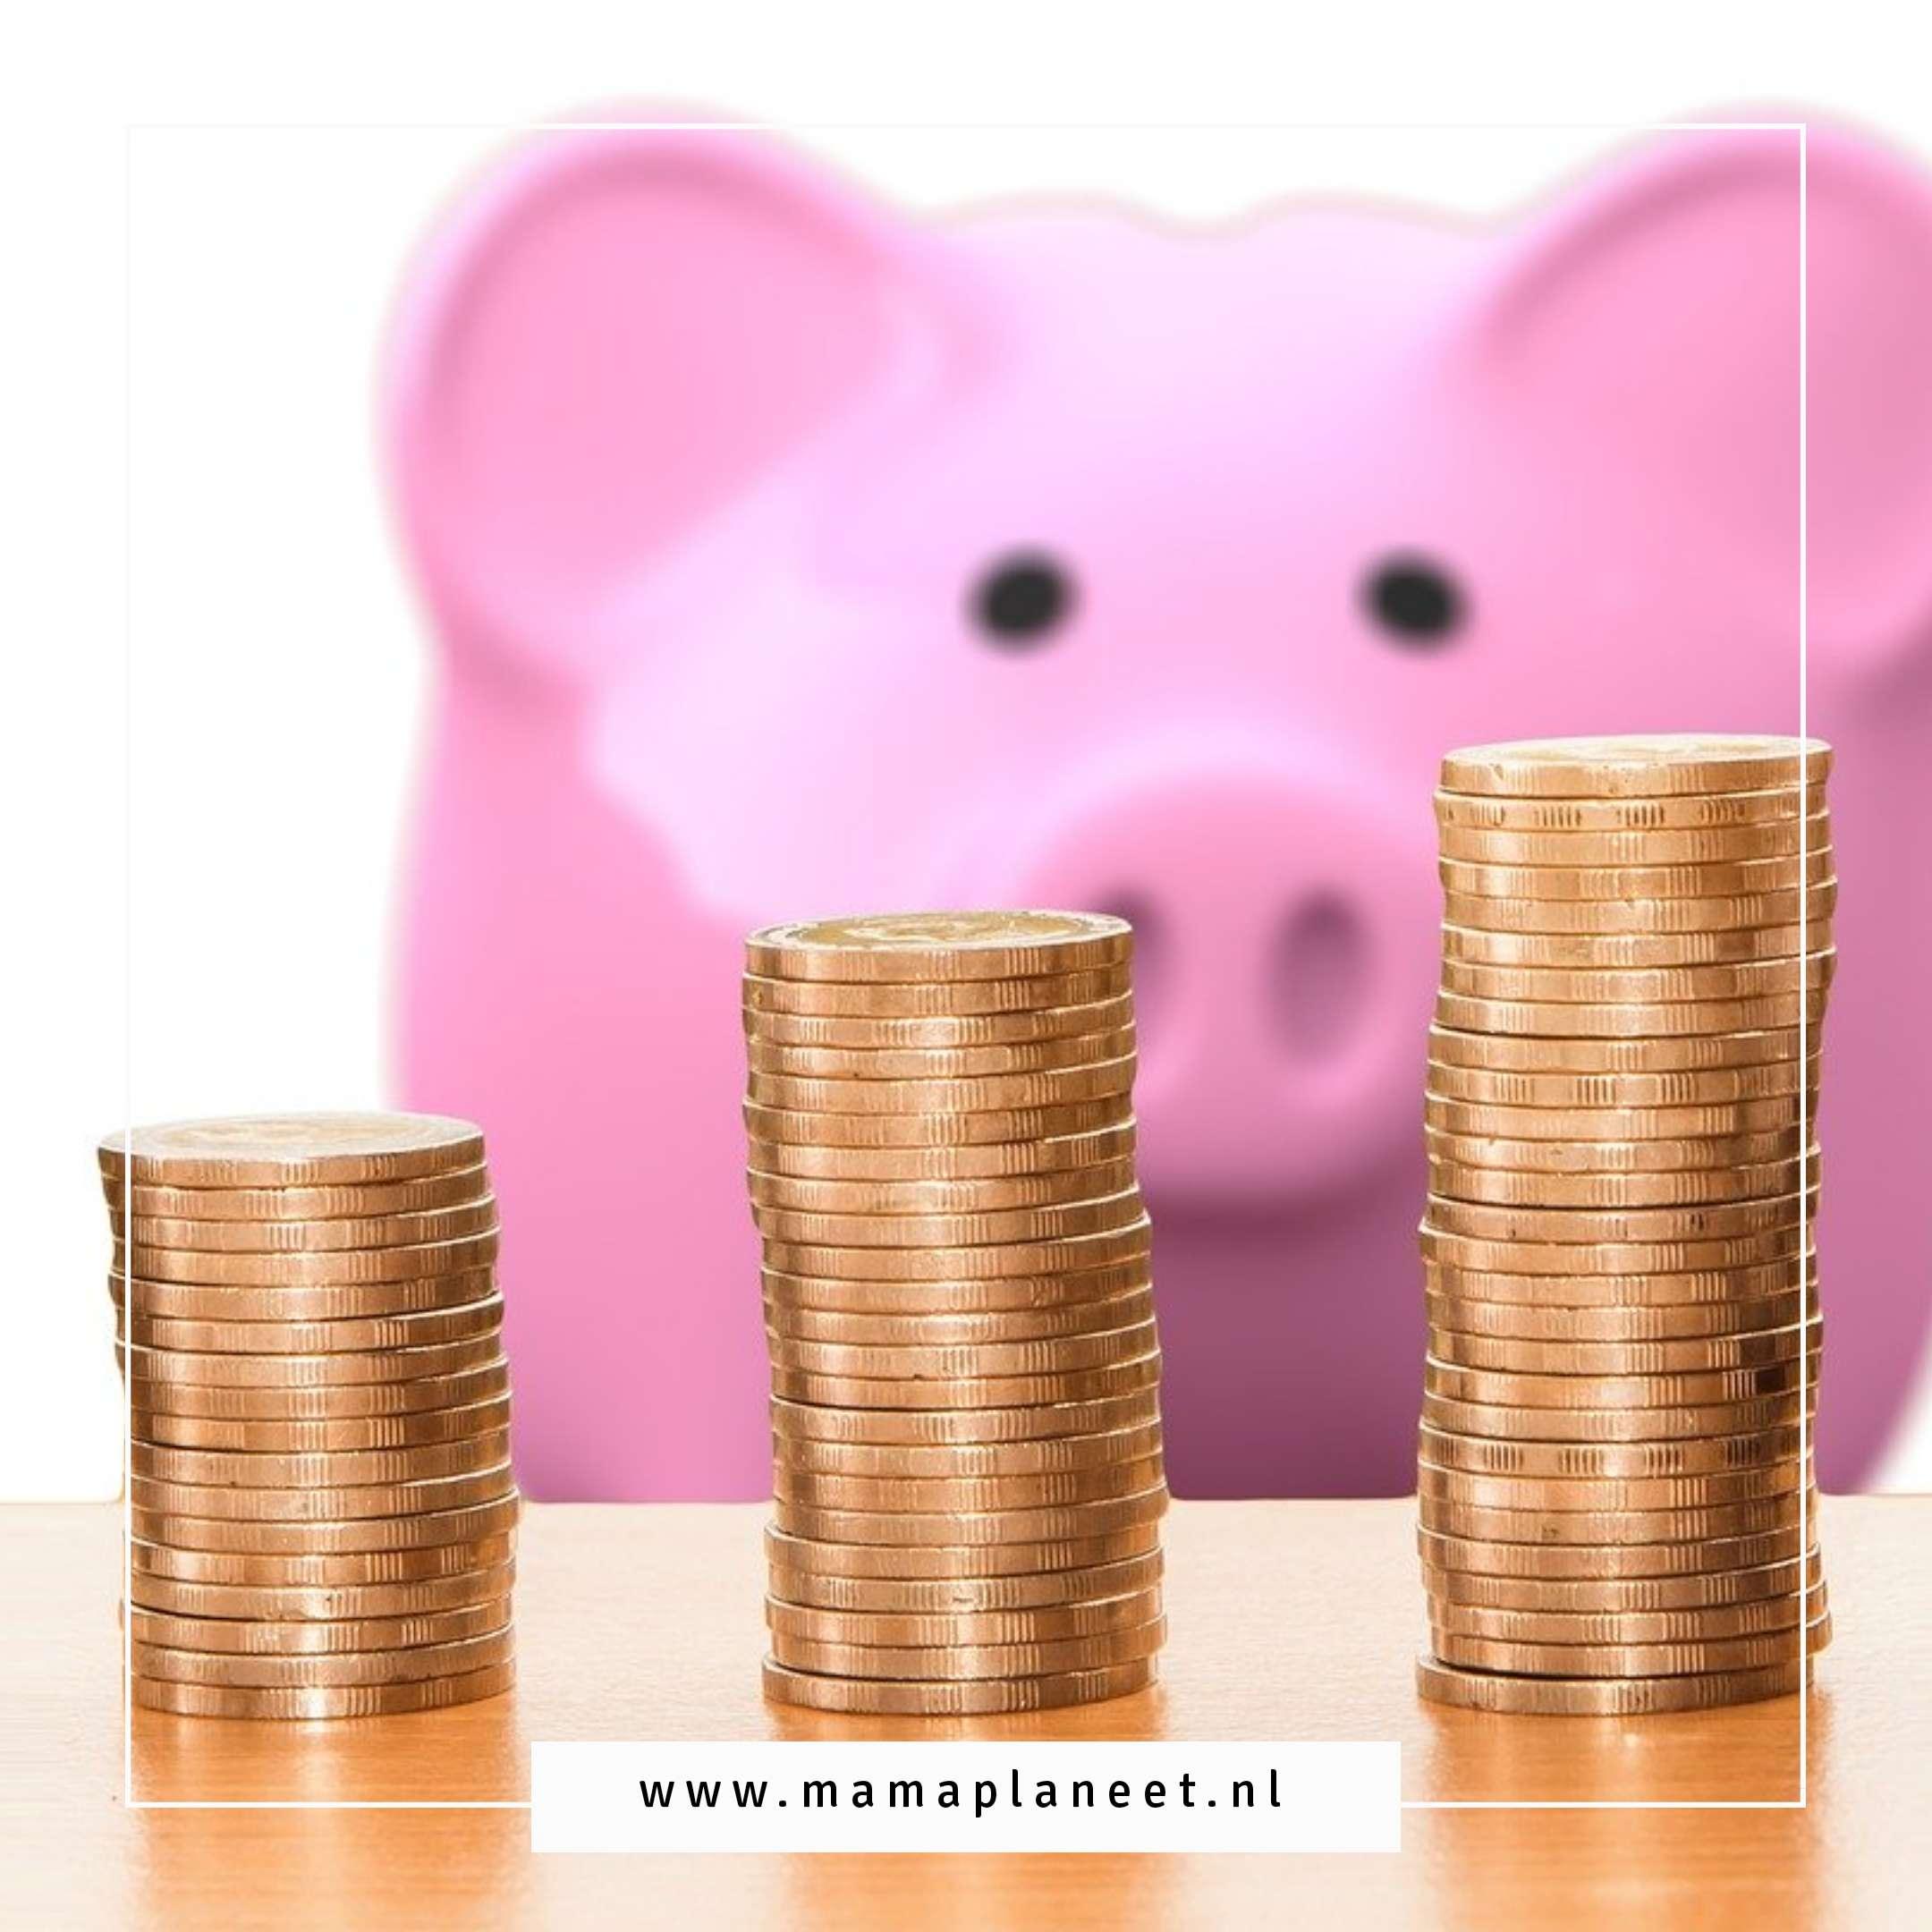 hoeveel zakgeld en kleedgeld geef je aan kinderen per leeftijd, contract, voordelen en nadelen